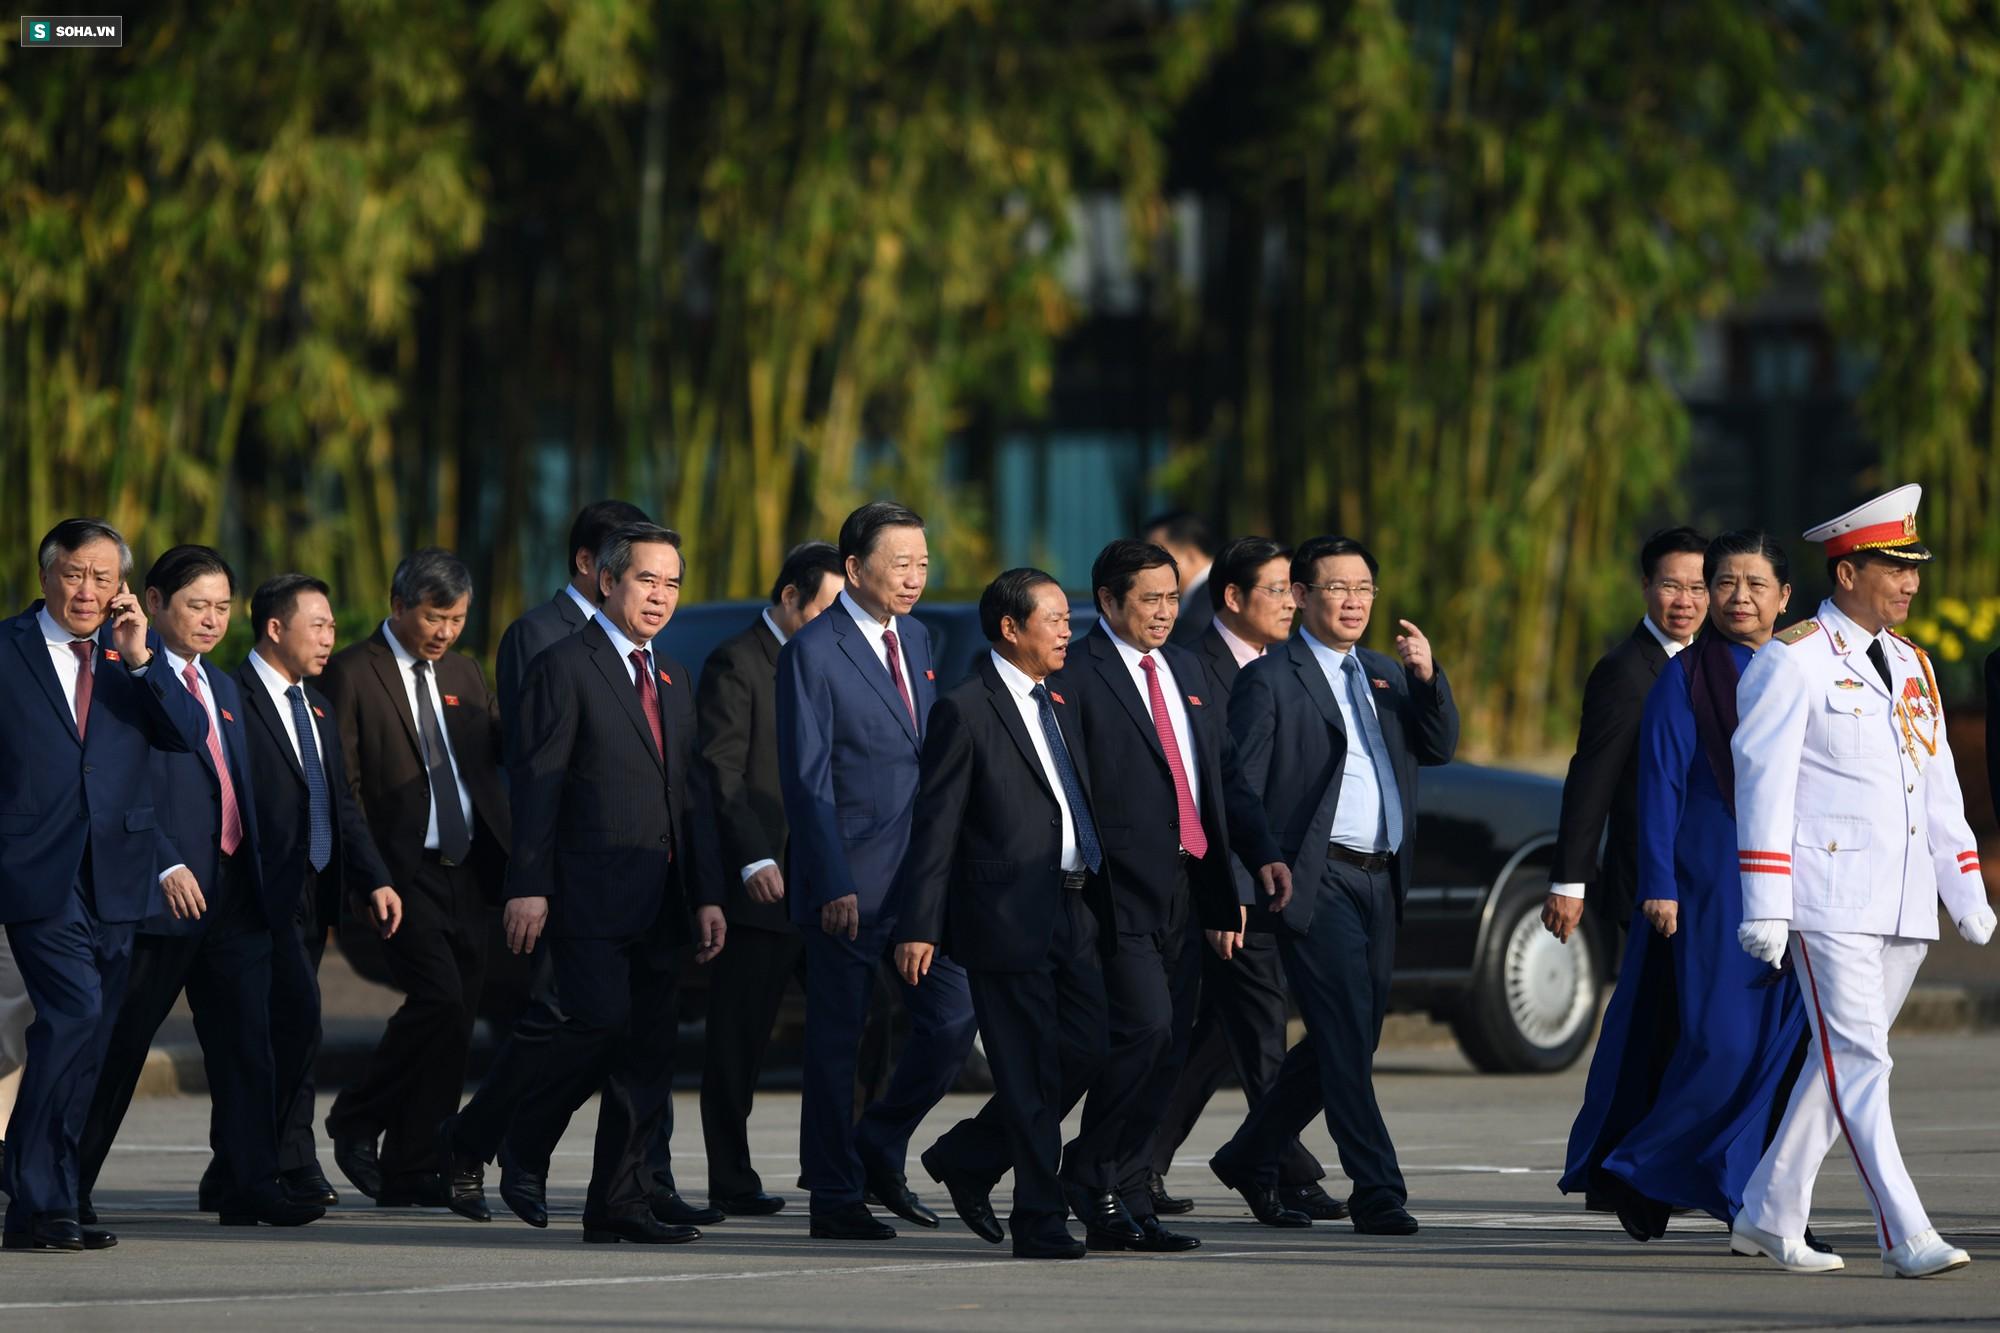 Đại biểu Quốc hội viếng Chủ tịch Hồ Chí Minh 11